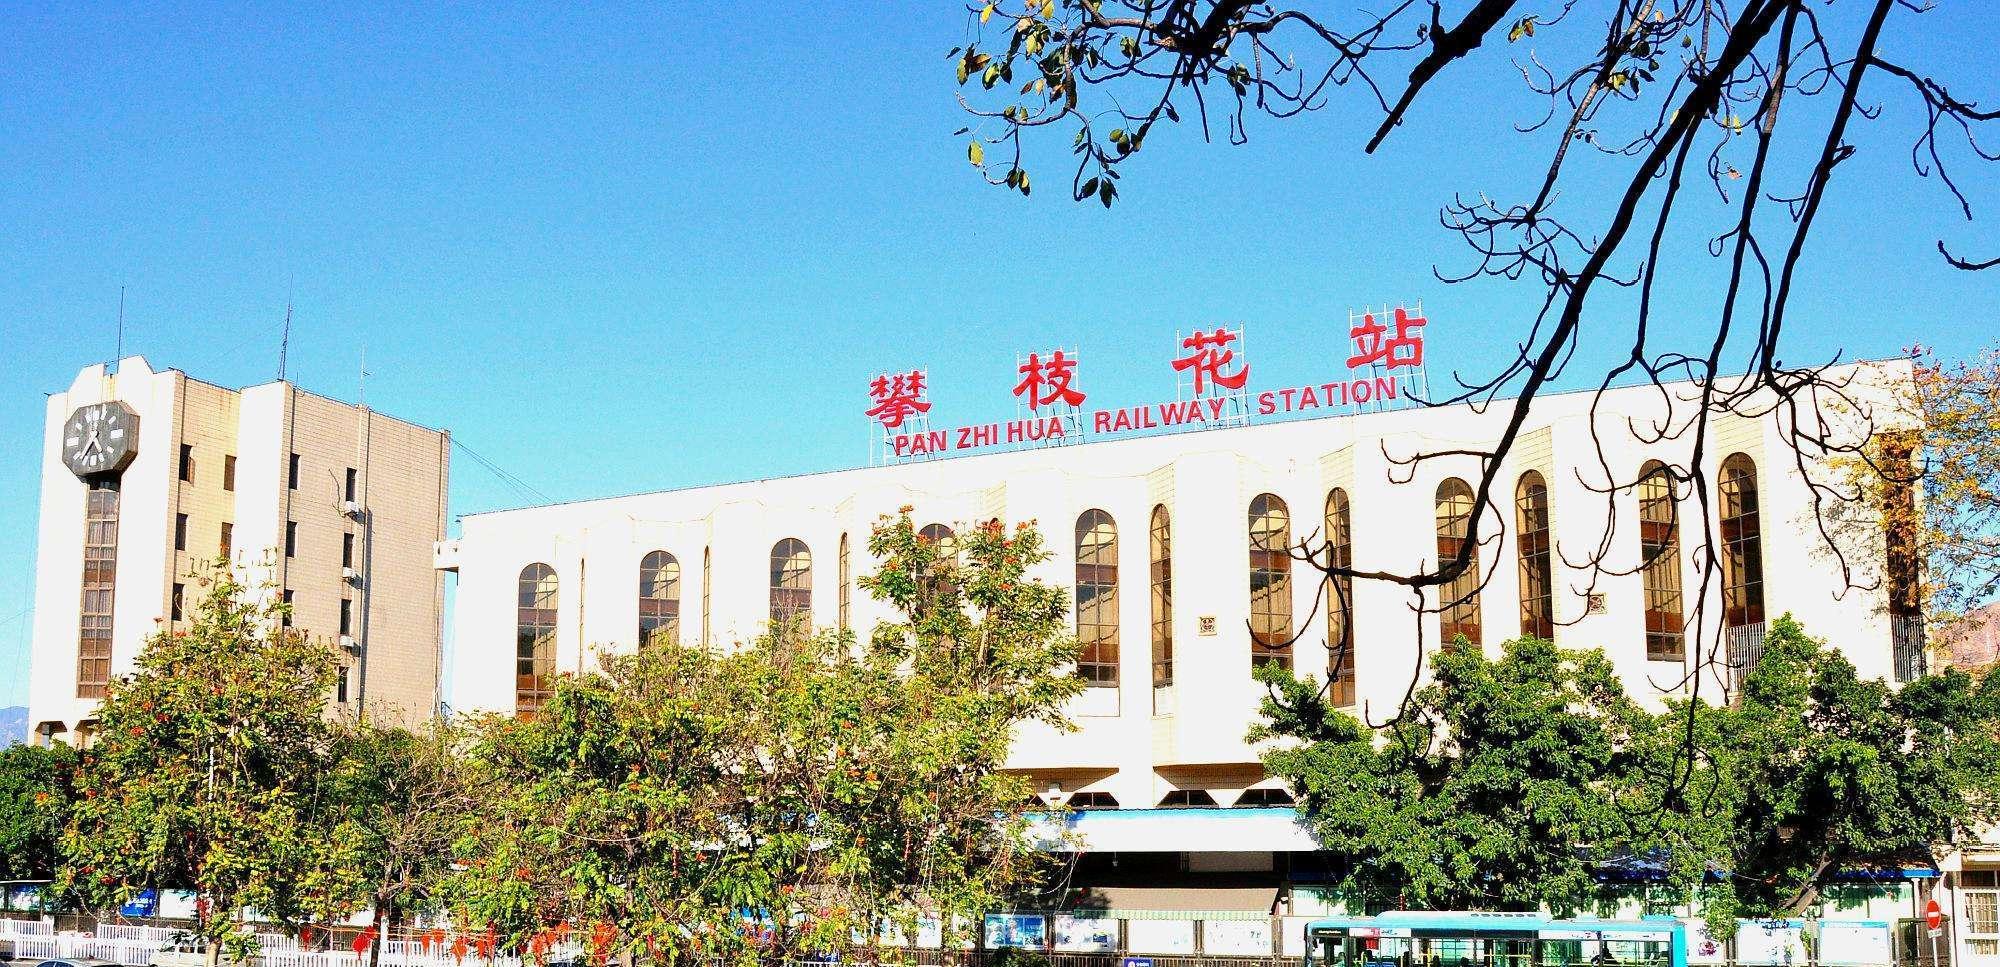 四川省攀枝花市主要的五座火车站一览